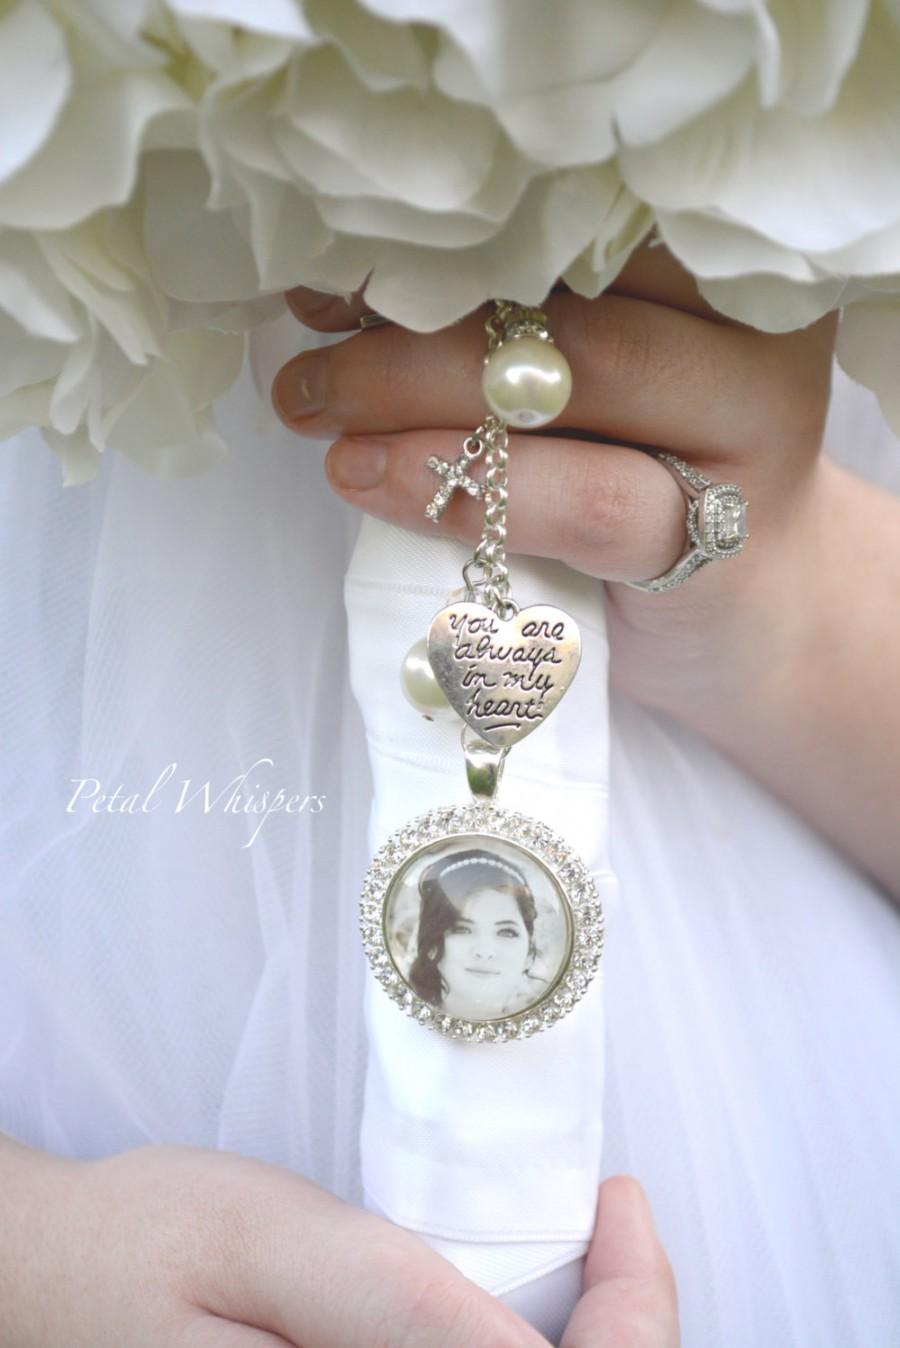 Wedding - Bouquet Photo Charm -  Bridal Bouquet Charm - Bride Photo Charm - Bridal Gift -  Bridal Accessories - Wedding Photo Charm - Gift For Bride -